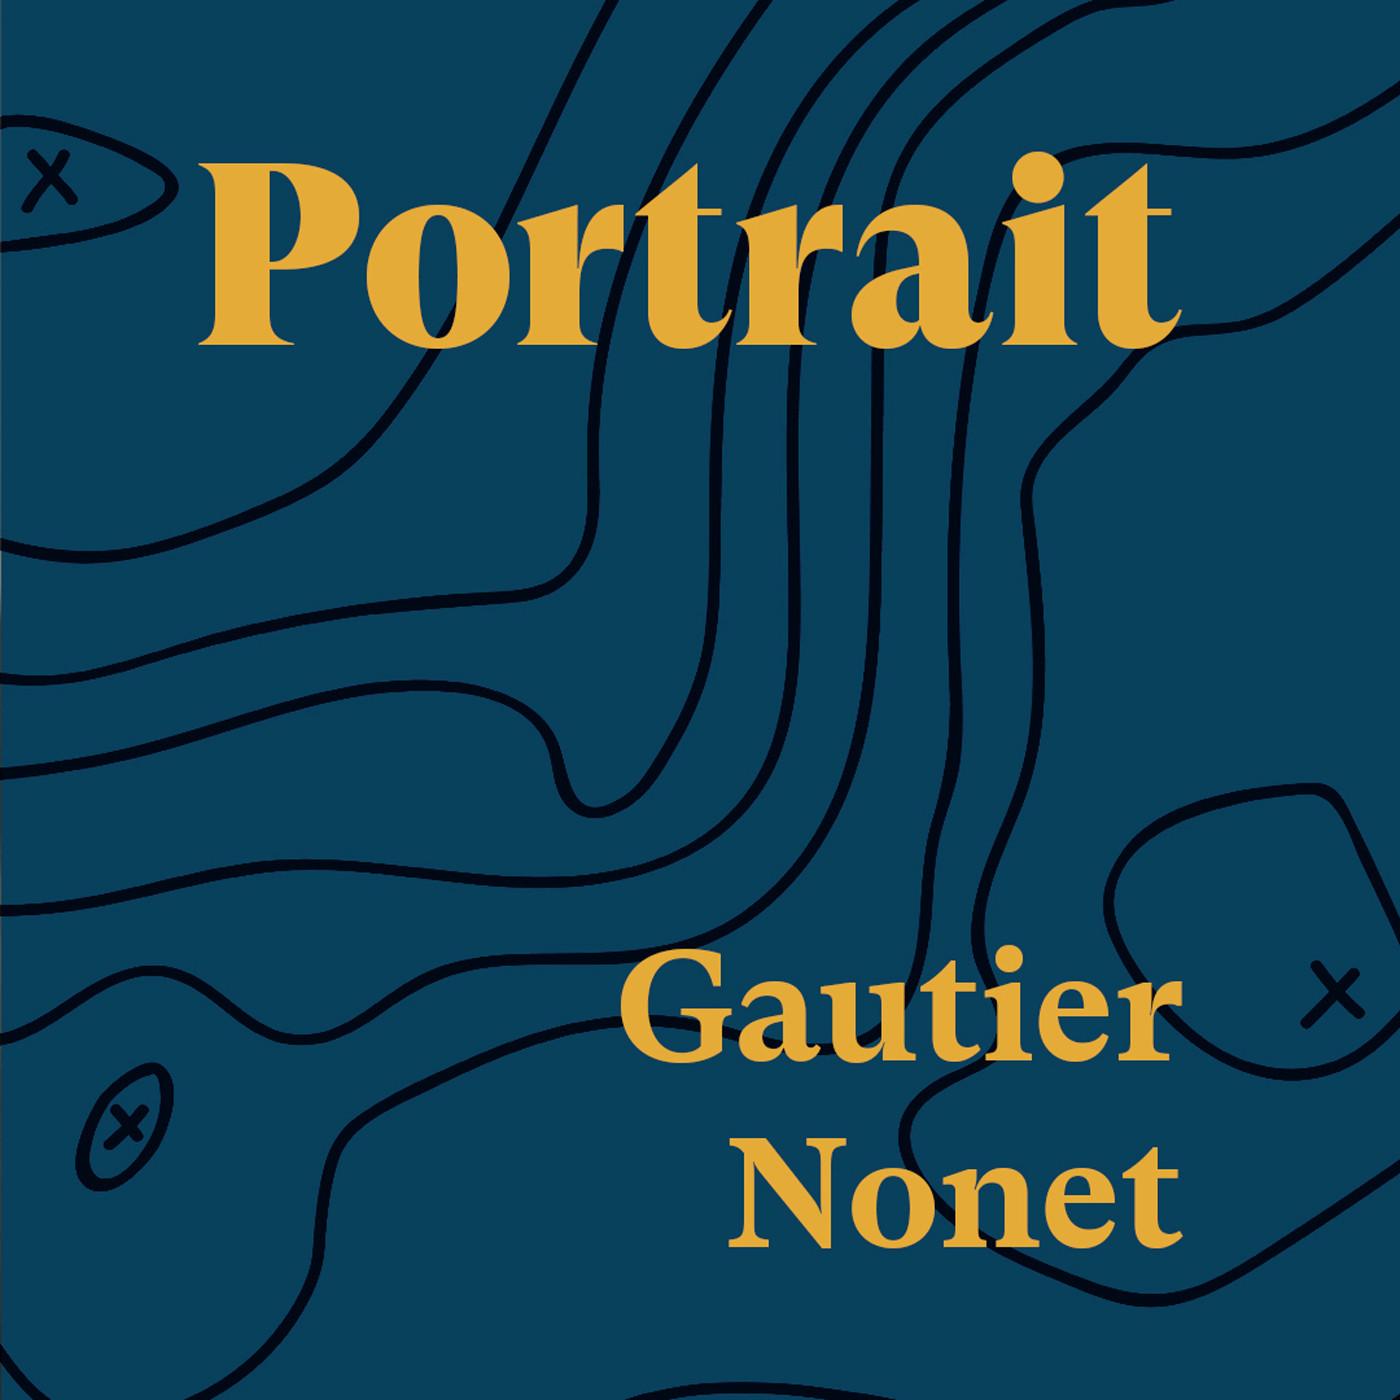 Portrait Gautier Nonet